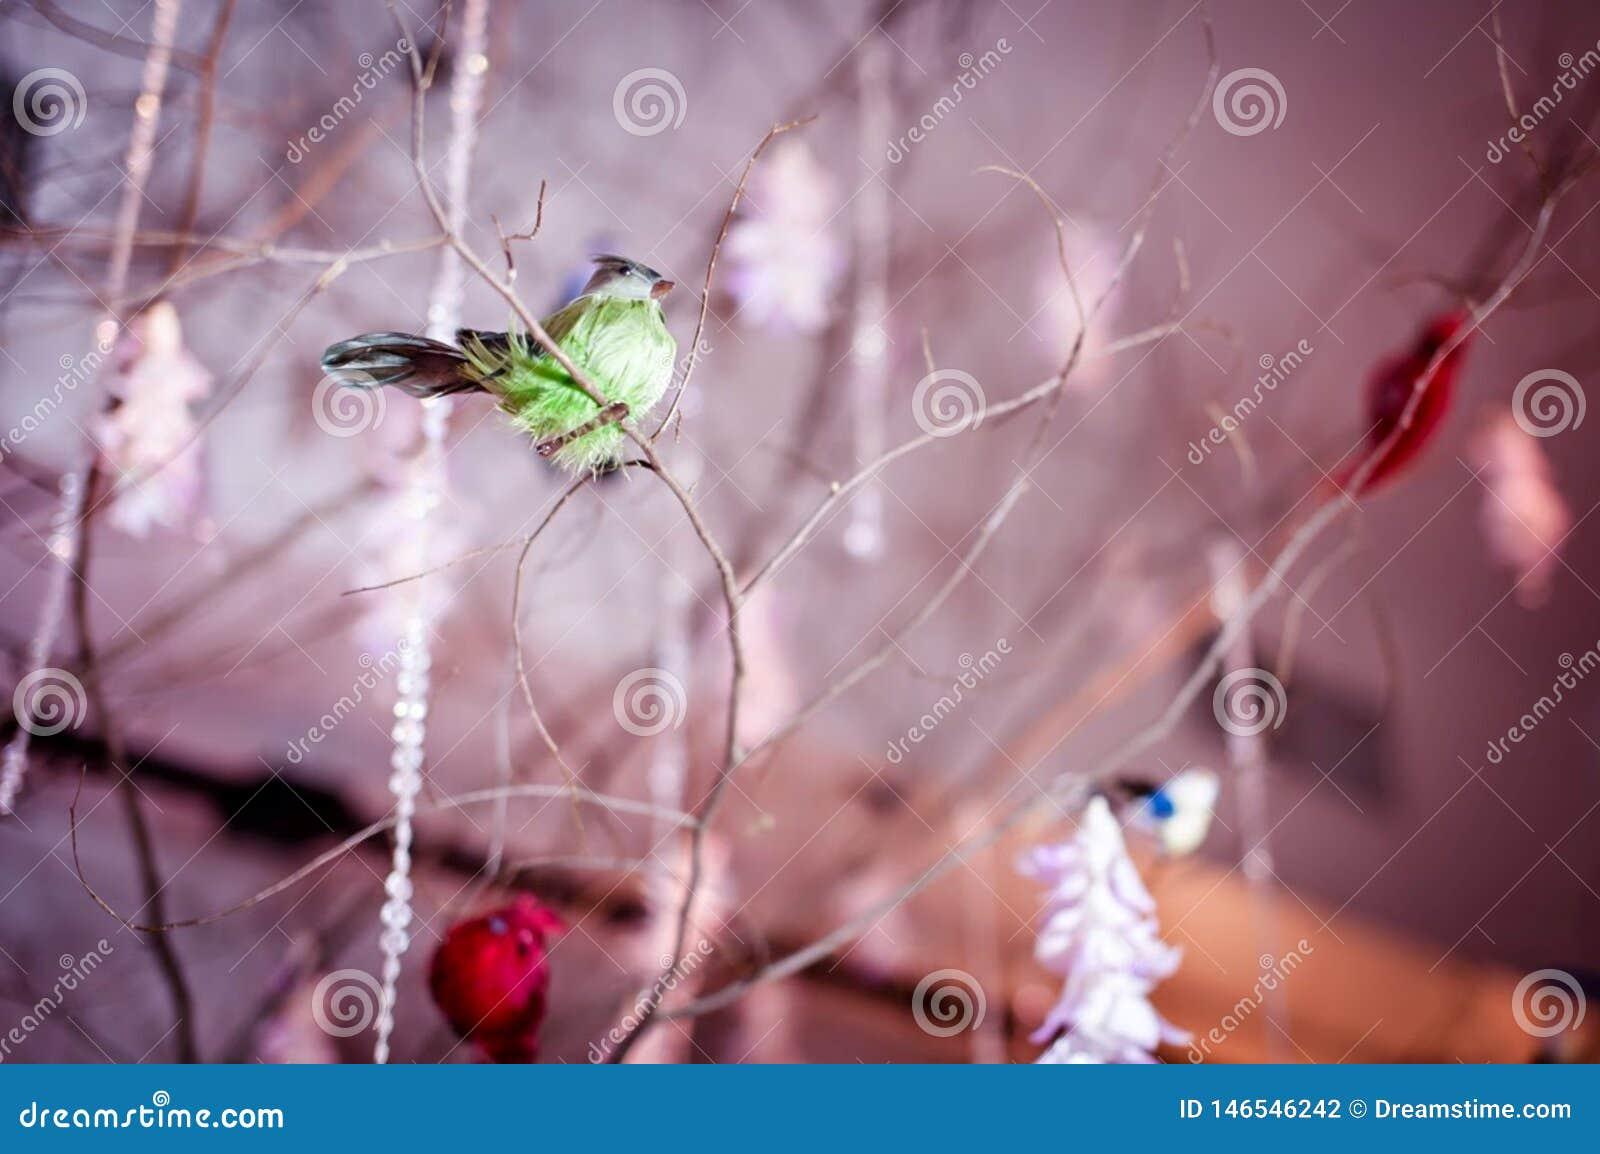 De creatieve Decoratie die van het Huwelijkstrefpunt met Vogels op de Boom situeren